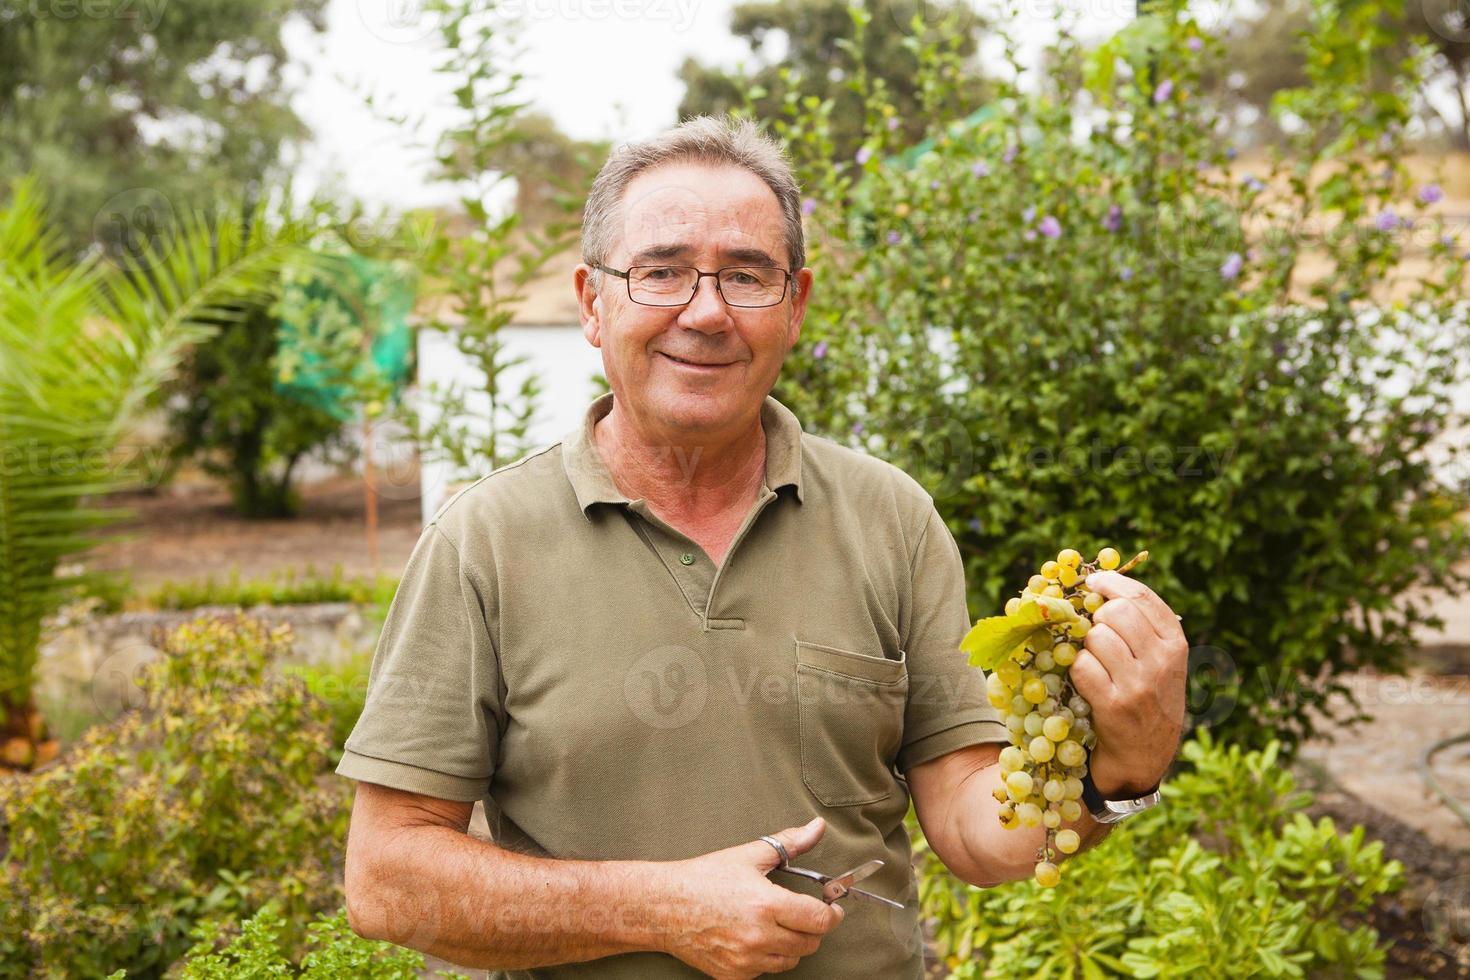 Ritratto di uomo anziano sorridente con un raccolto di uva. foto